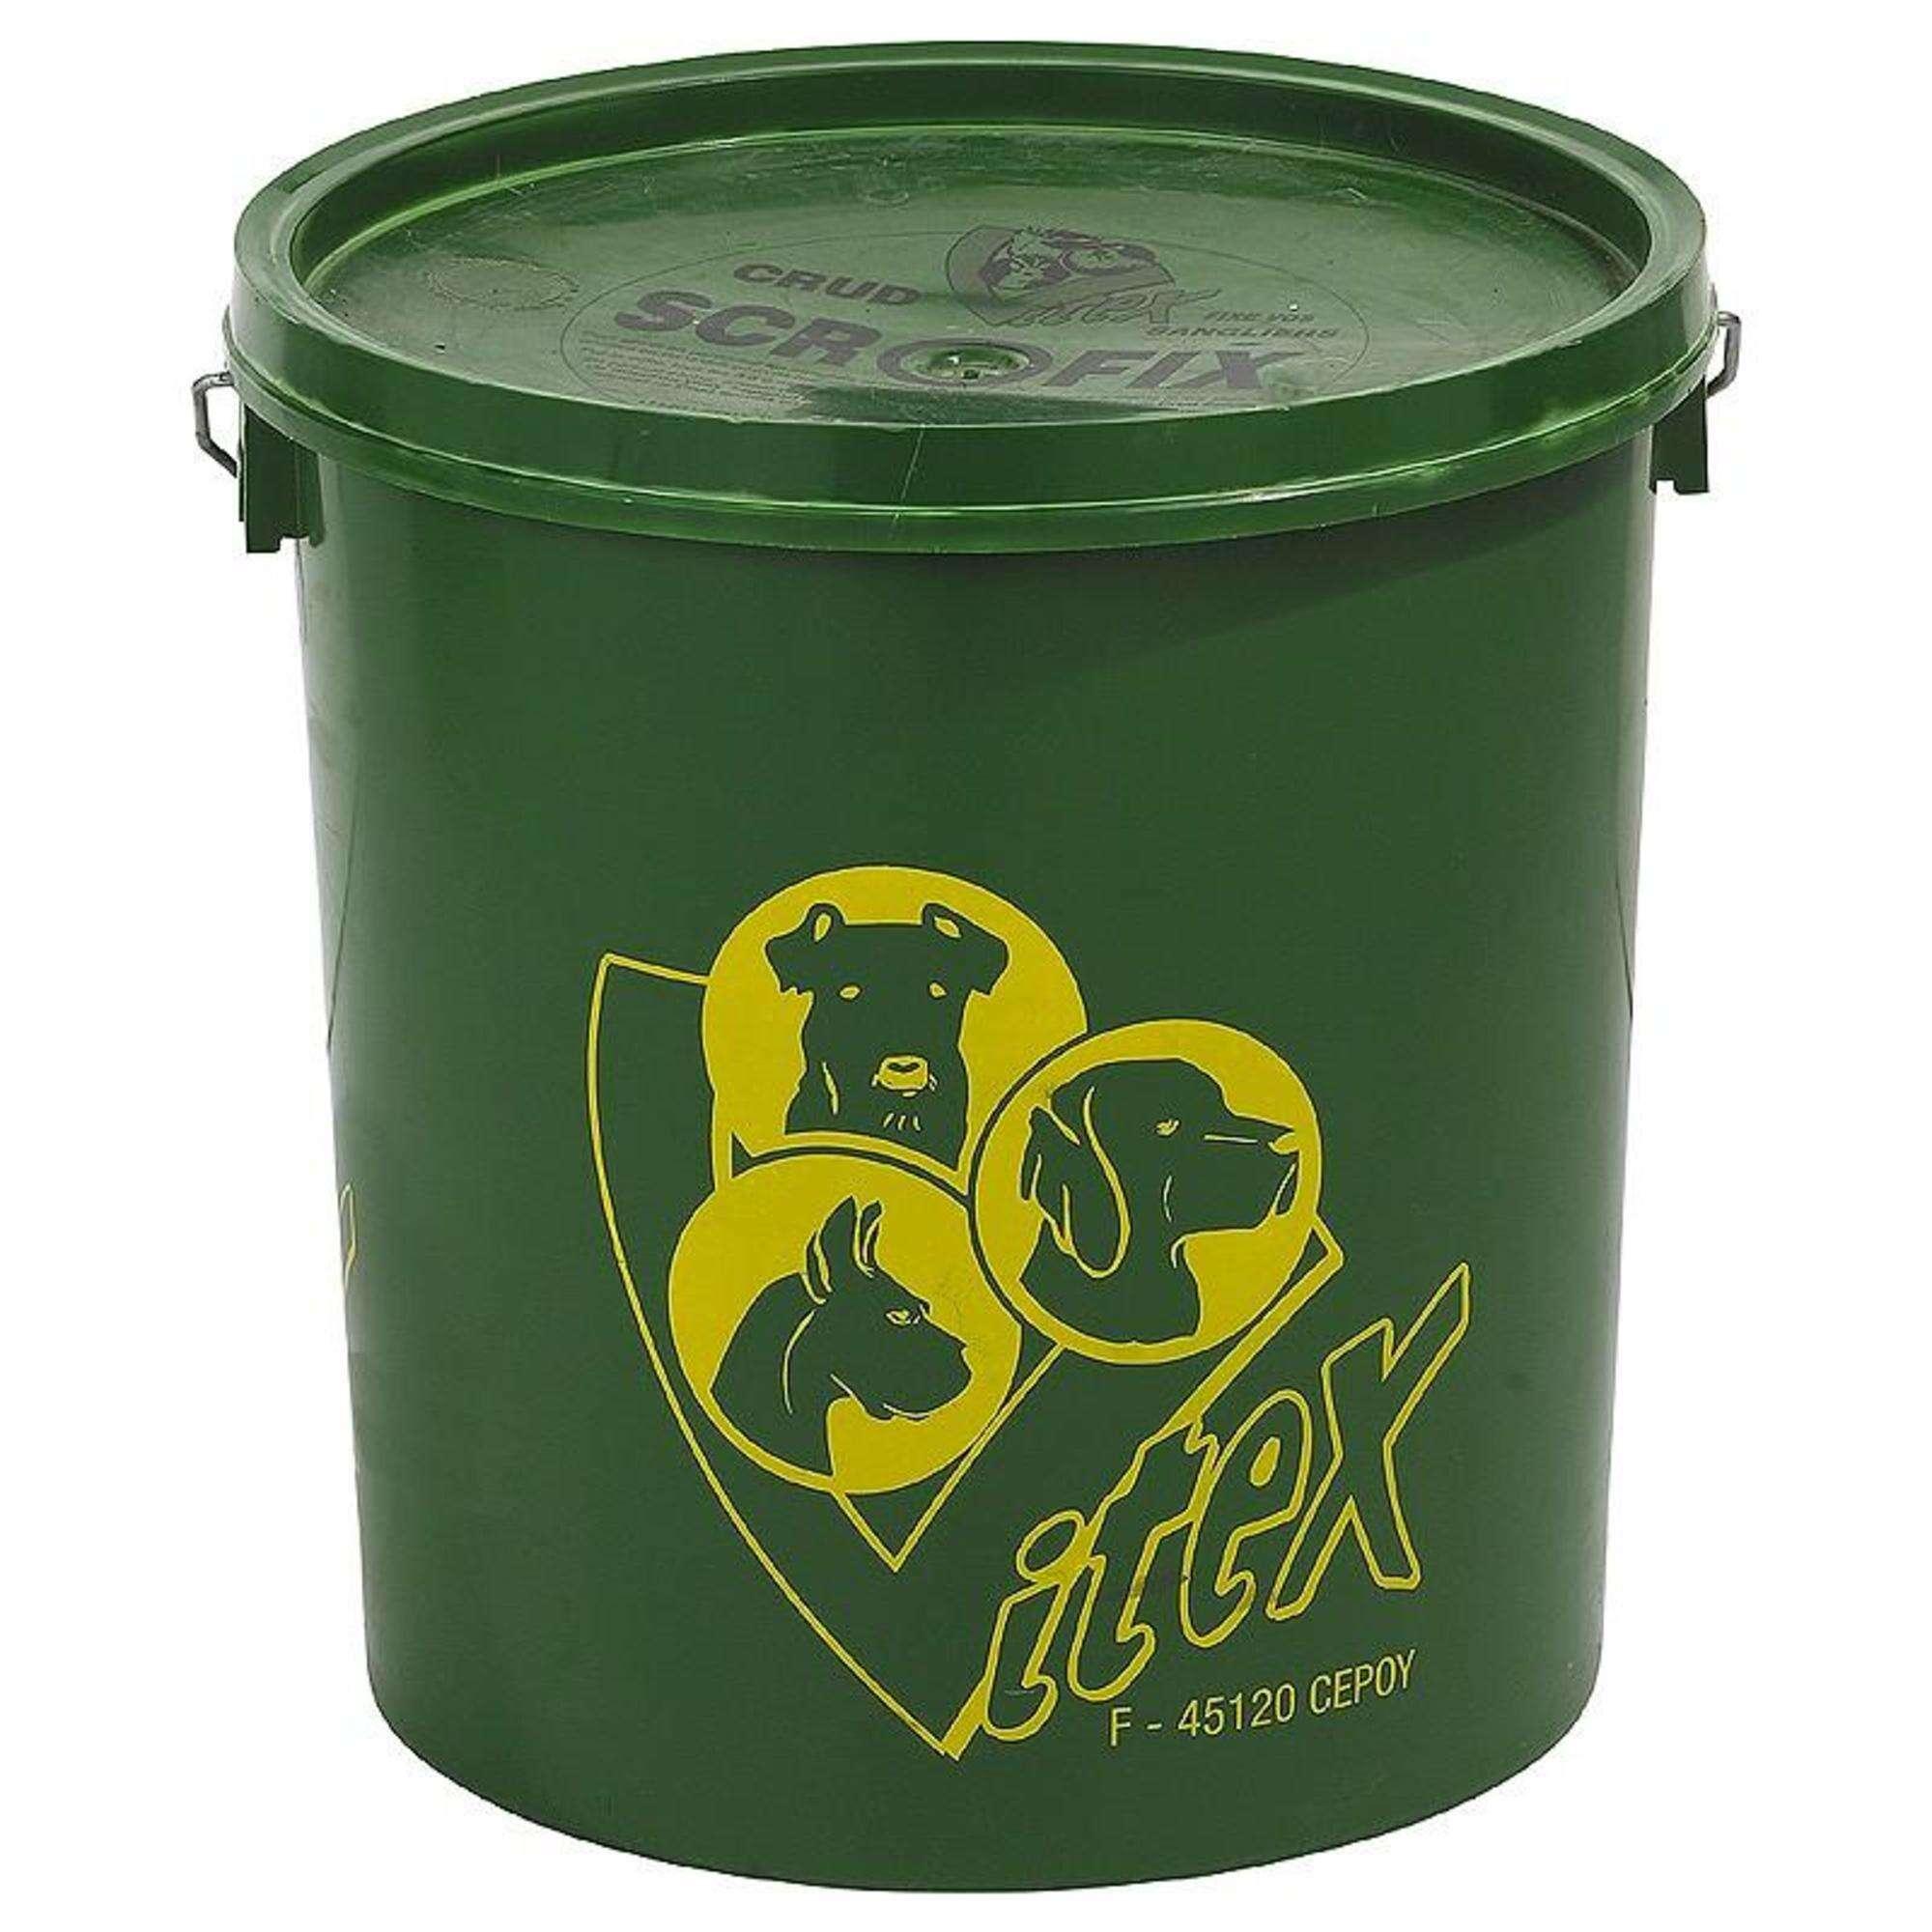 OPREMA ZA ODRŽAVANJE LOVNOG PODRUČJA Lov - Scrofix amonijakova sol 20 kg VITEX - Dodaci za lov